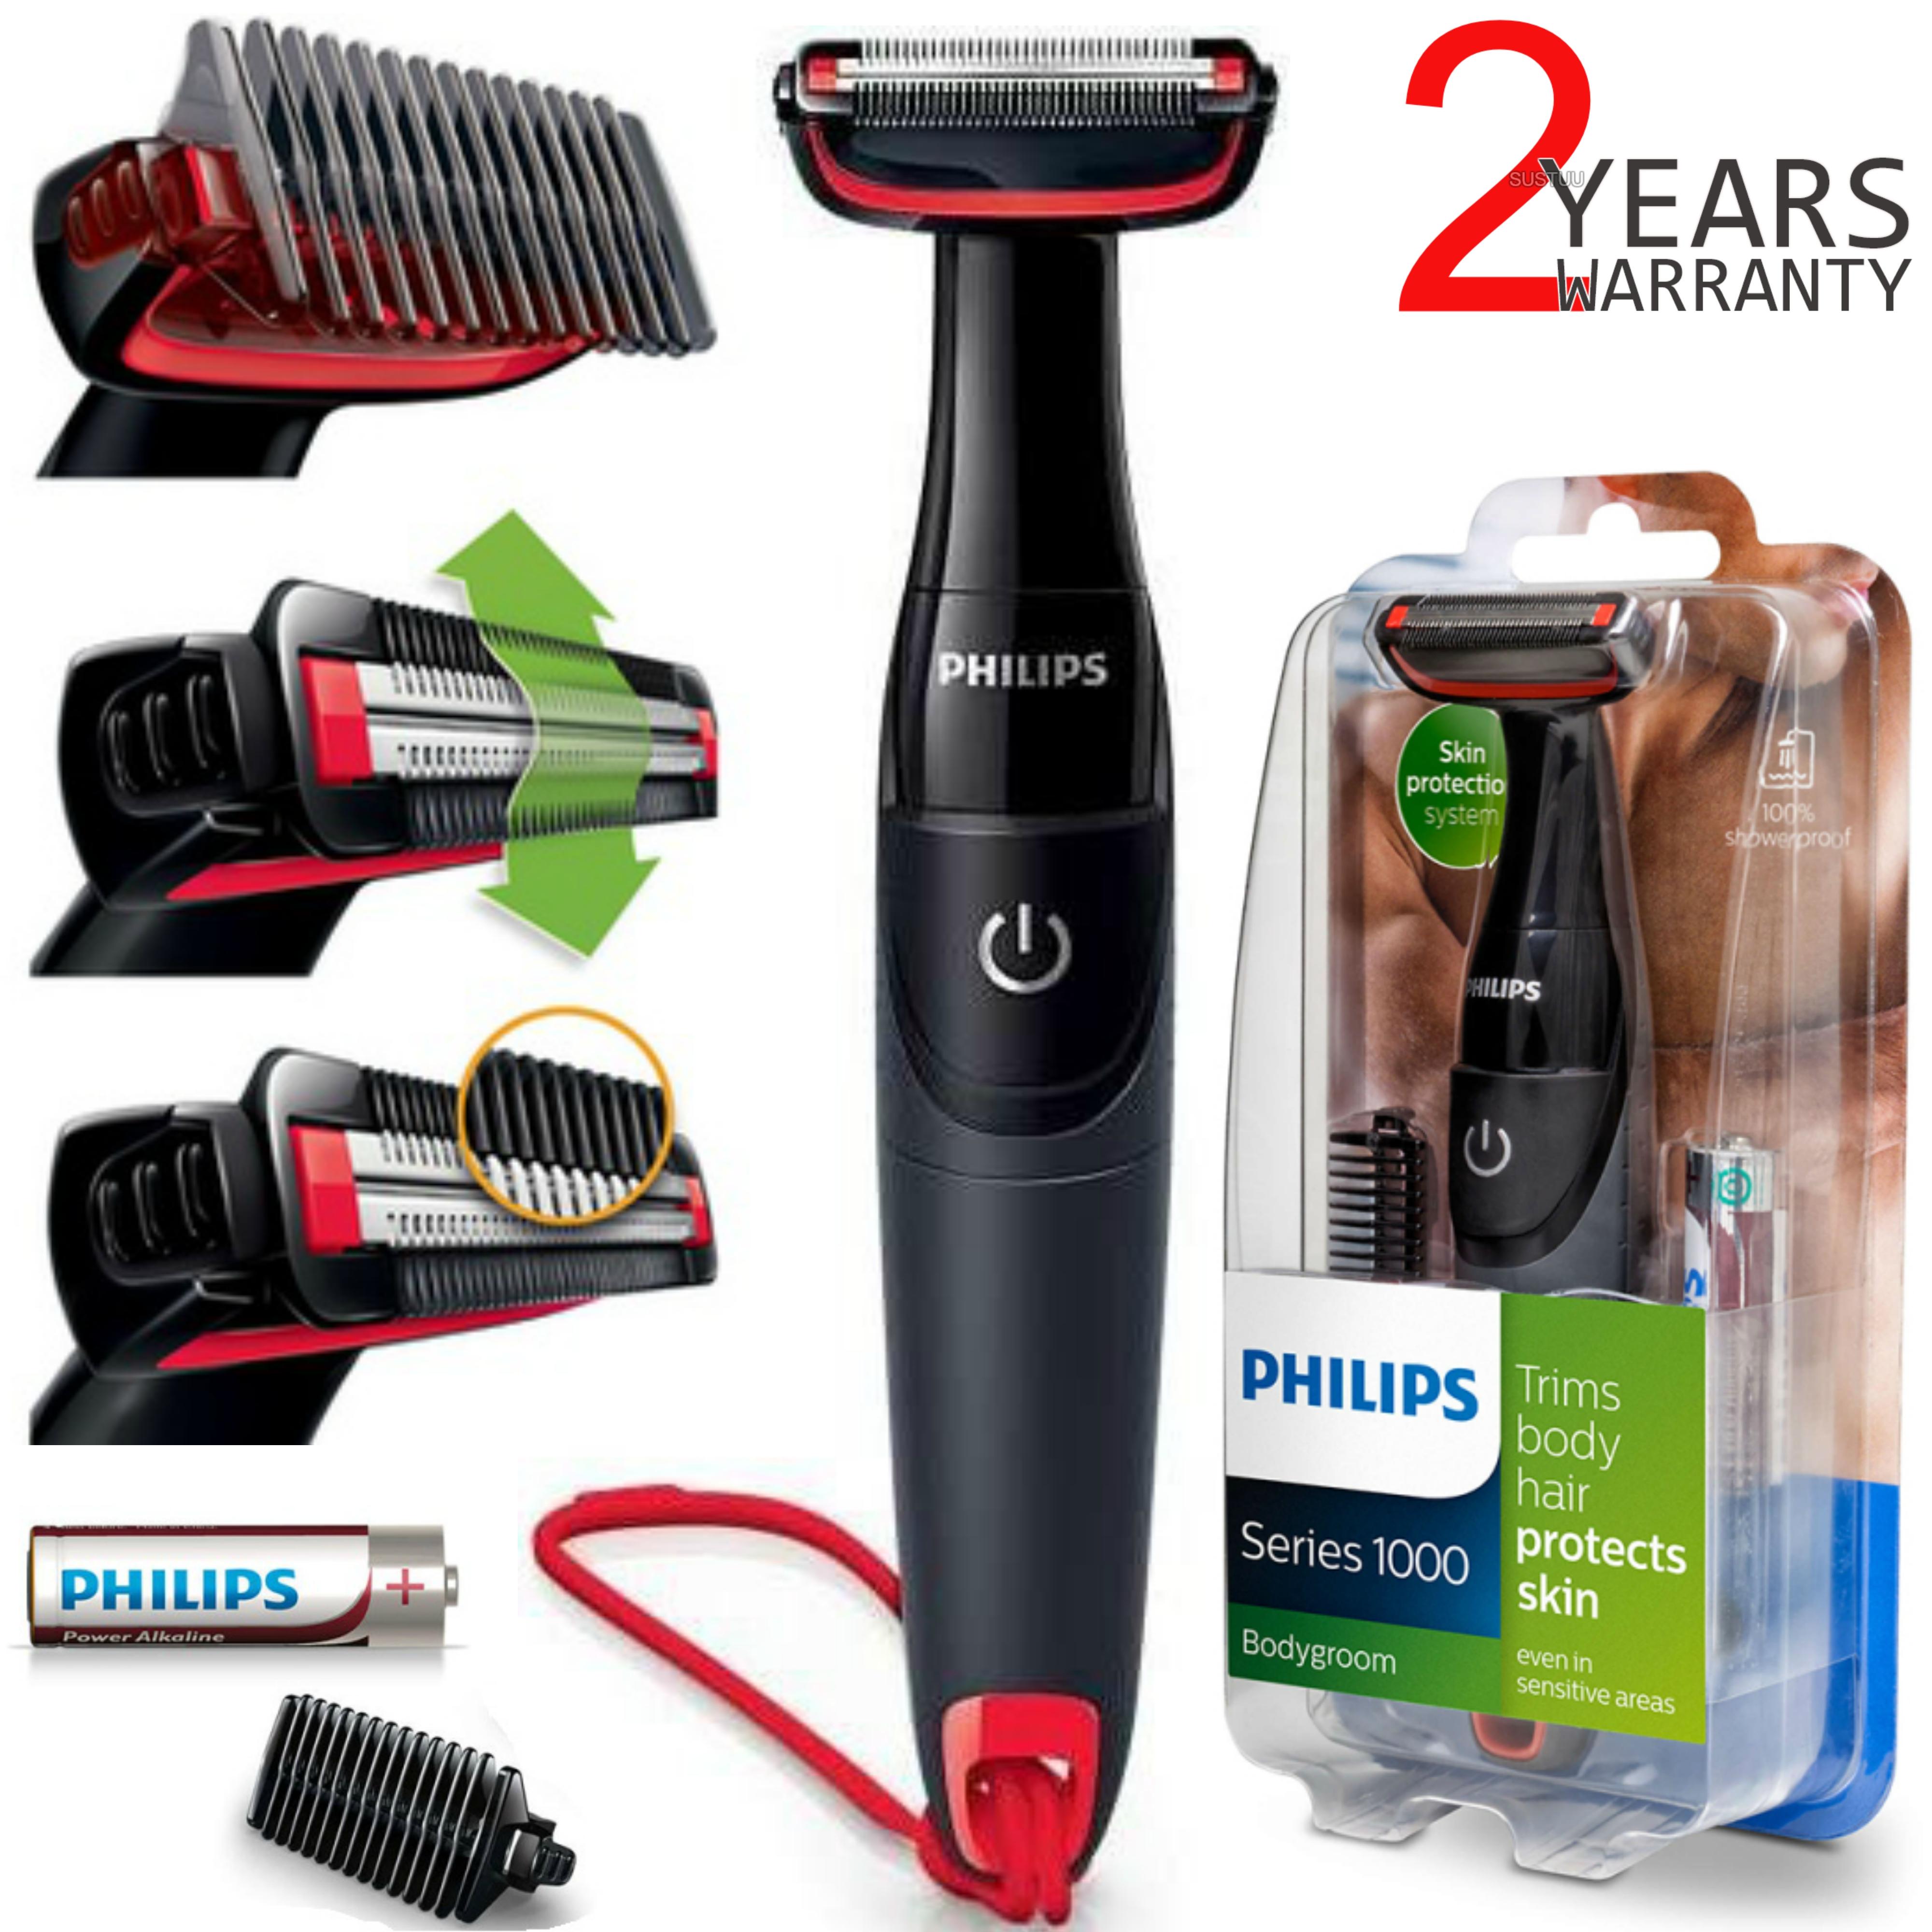 Philips Series 1000 | Men's Body Hair Groomer Shaver & Trimmer | Waterproof | BG105/10